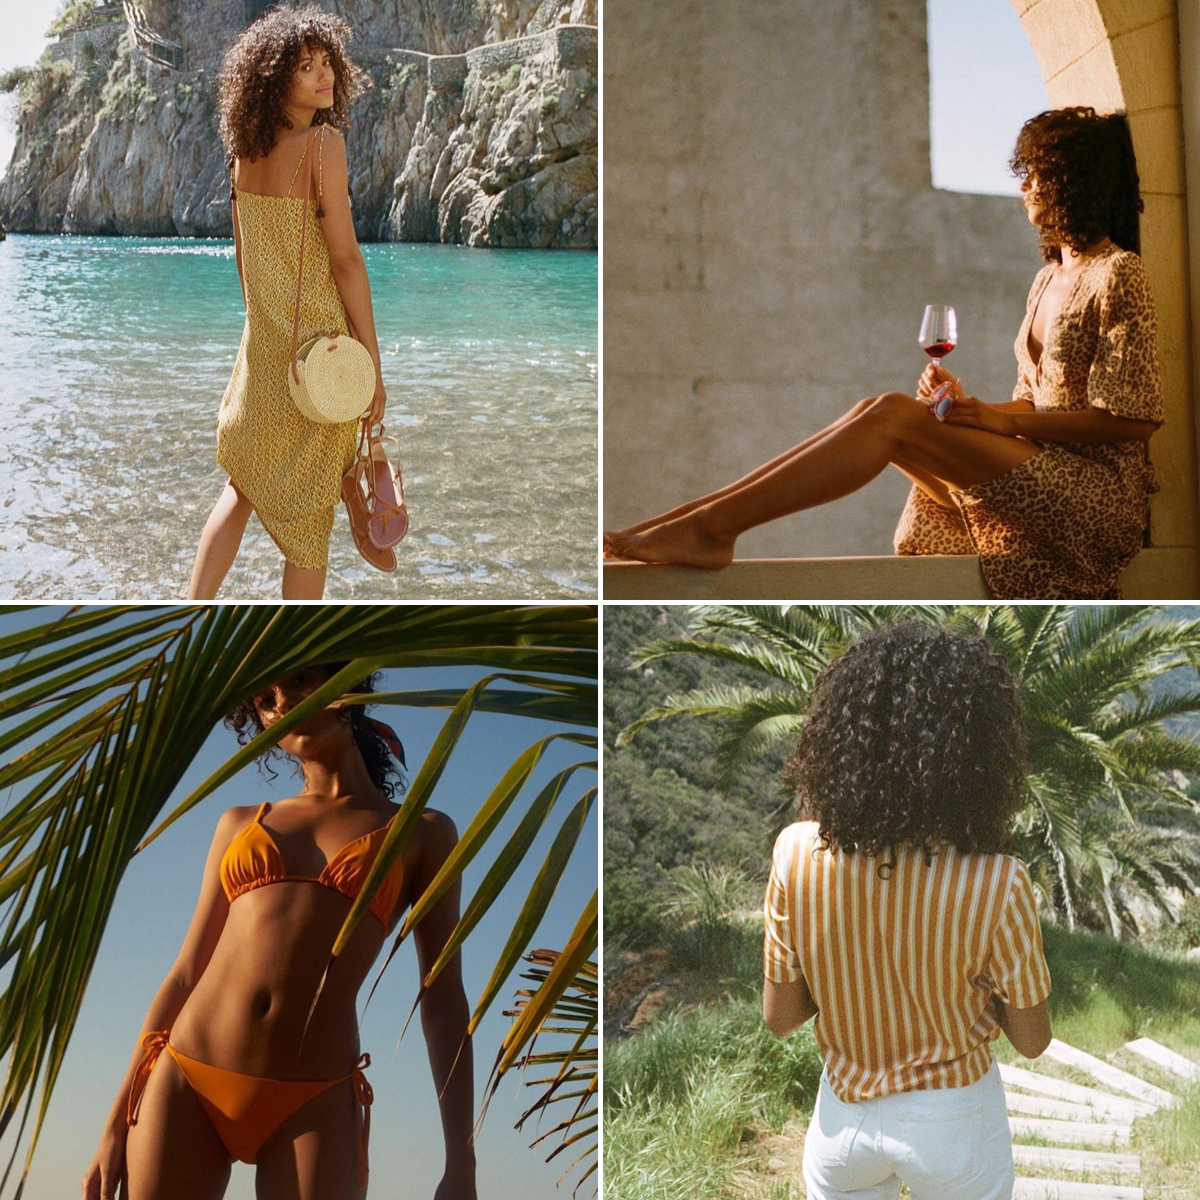 Phong cách thời trang Pháp của Melodie Vaxelaire